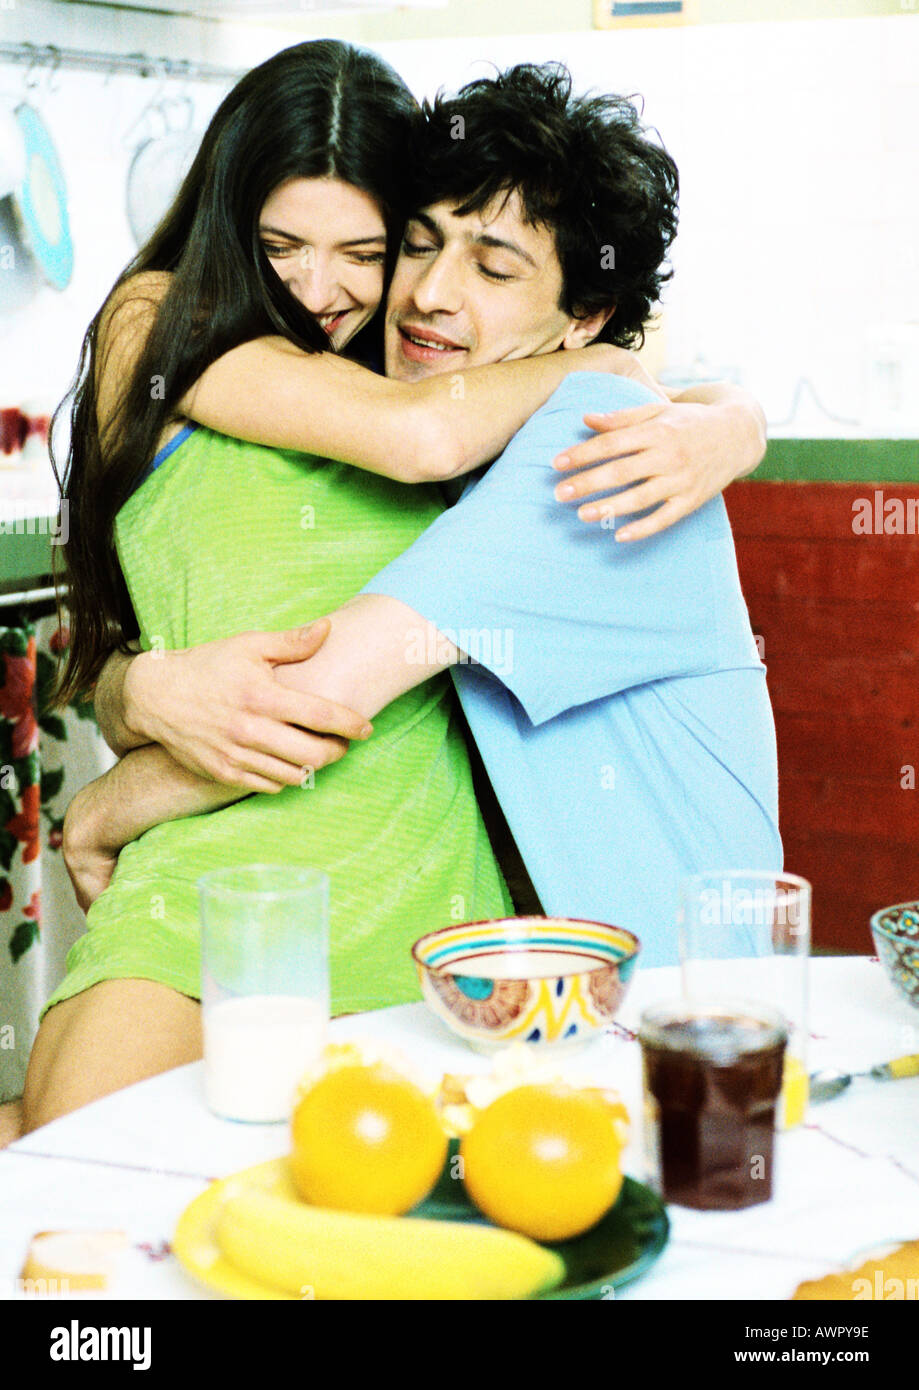 Paar umarmt vor Frühstückstisch, Porträt. Stockfoto